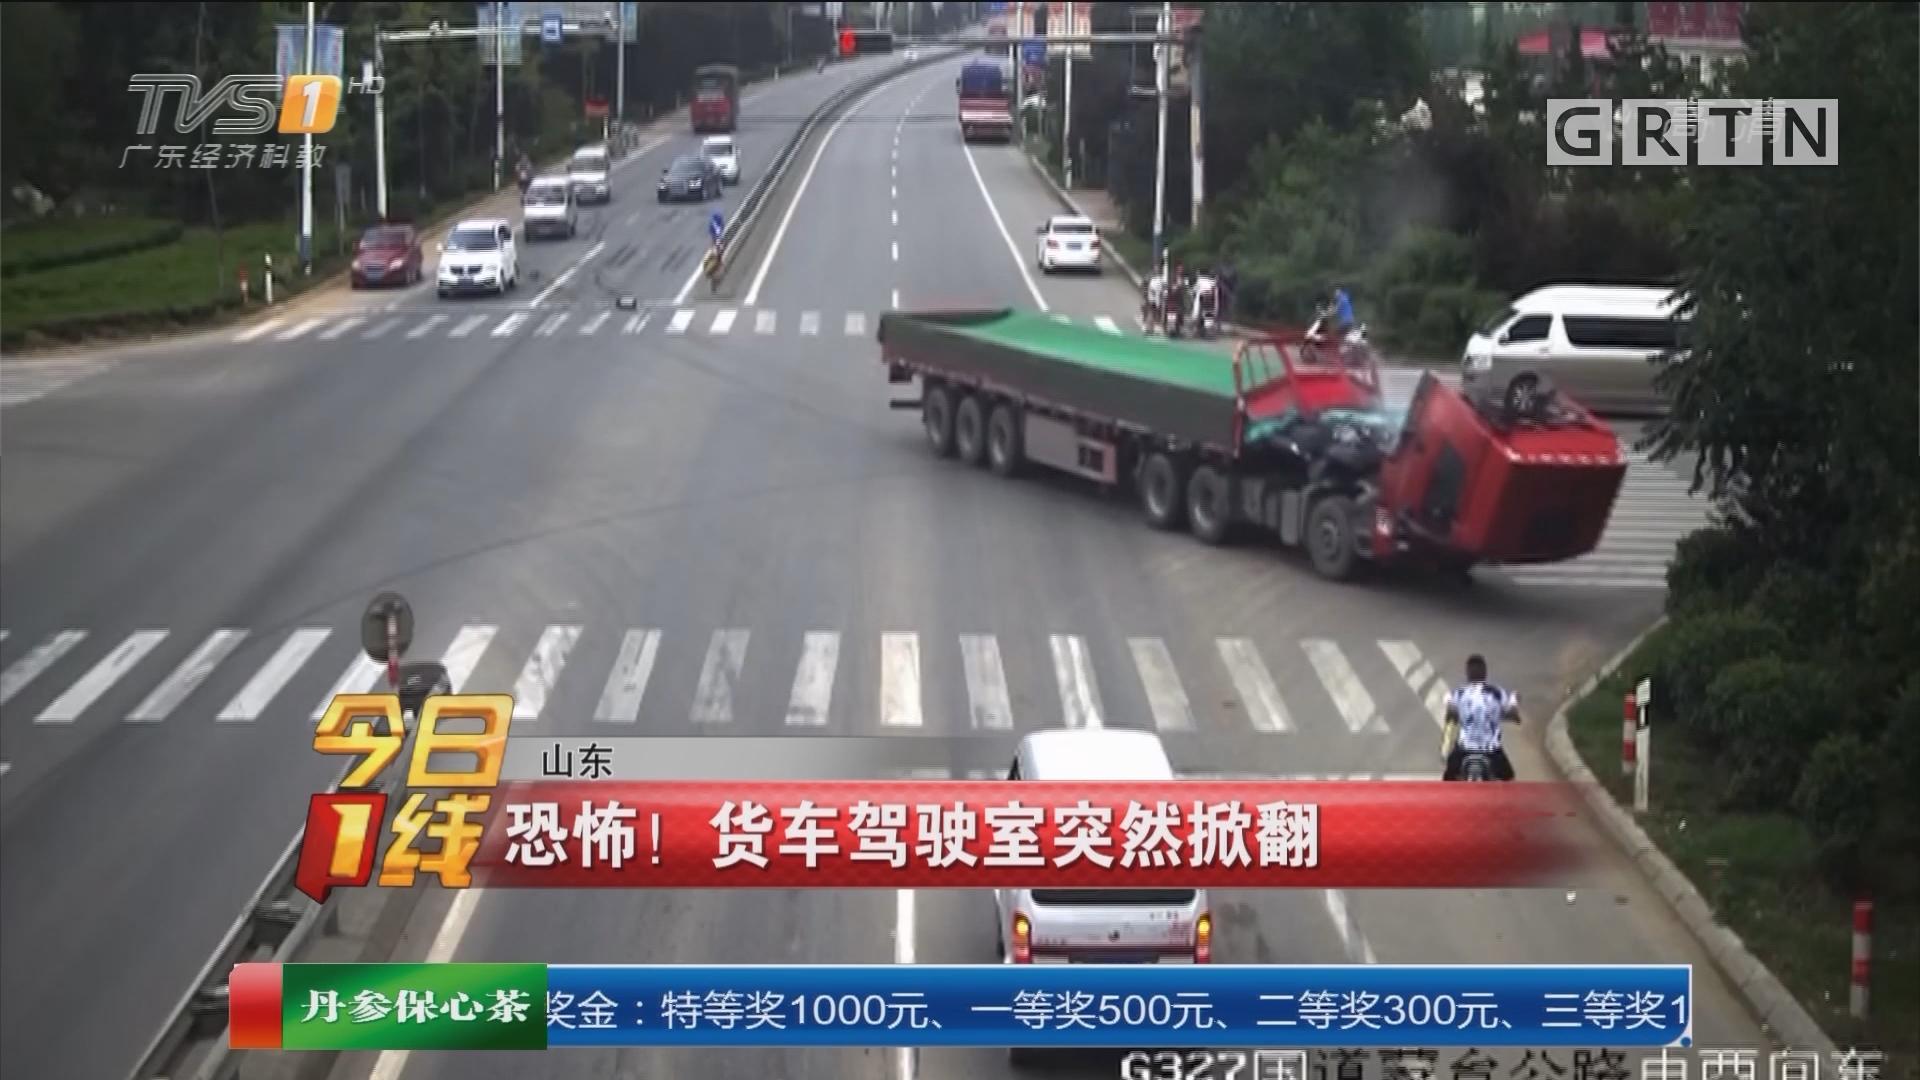 山东:恐怖!货车驾驶室突然掀翻